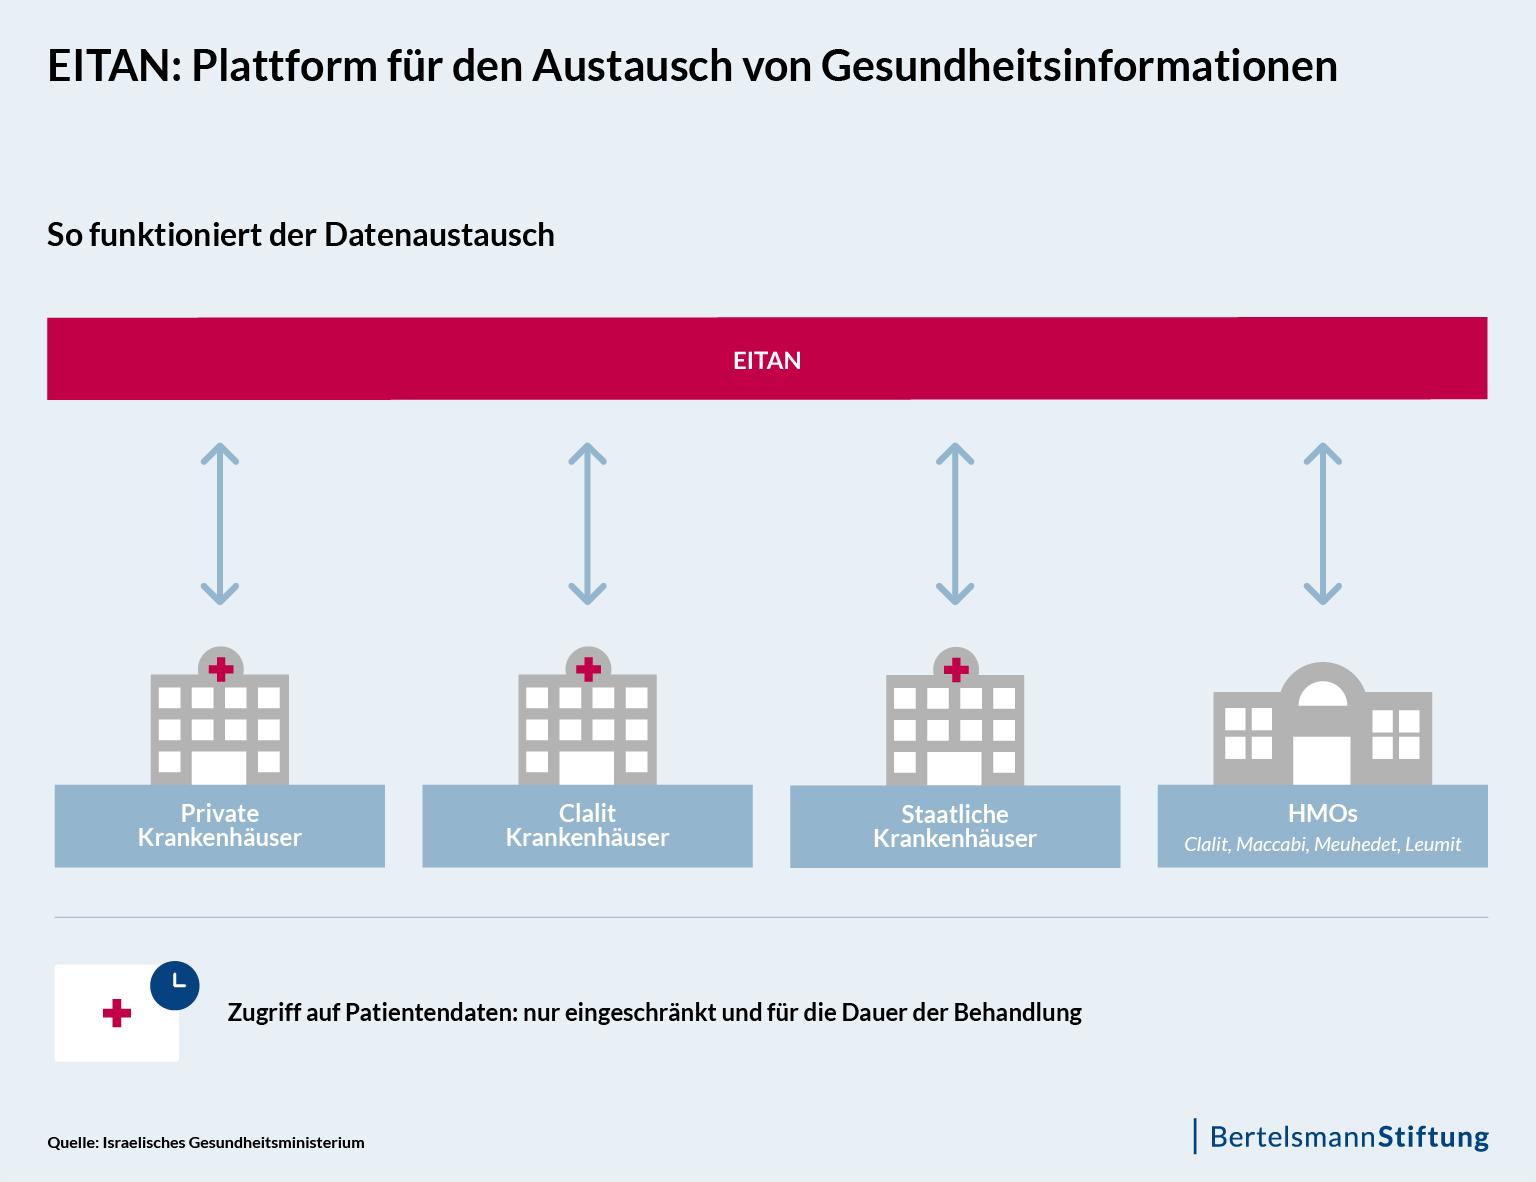 Abbildung 2: EITAN - Plattform für den Austausch von Gesundheitsinformationen